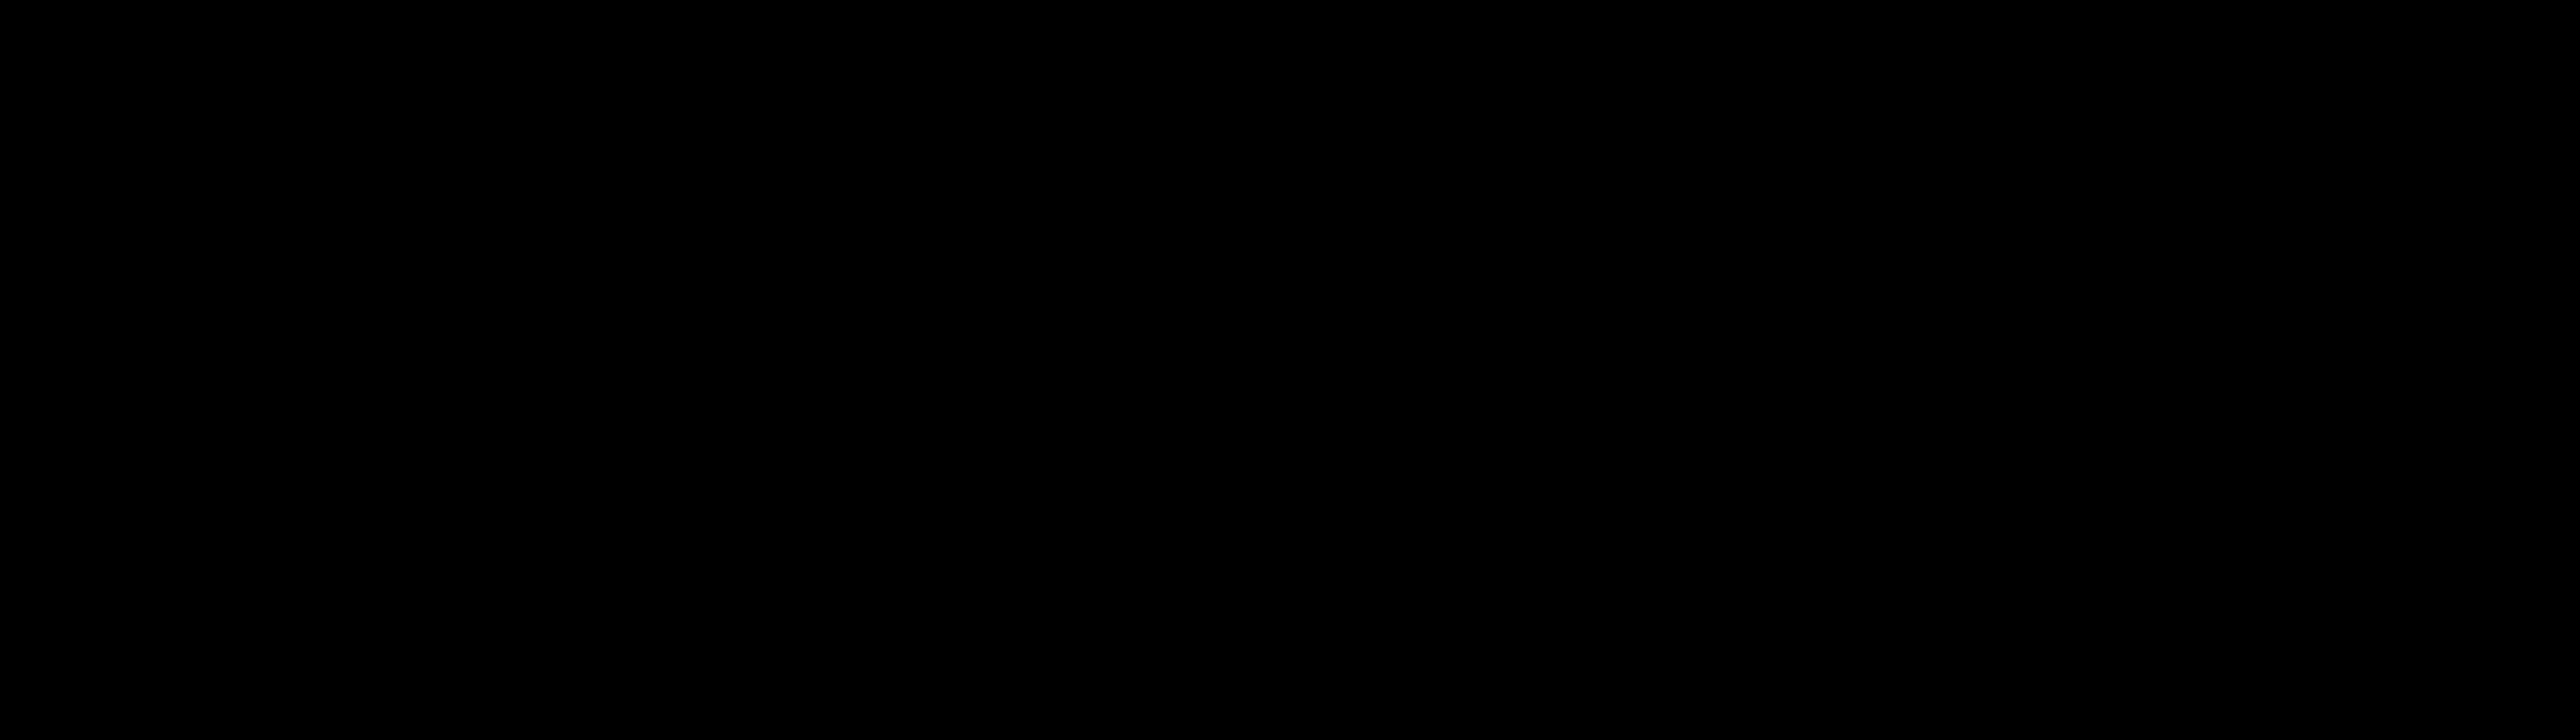 dark_logo_transparent_background